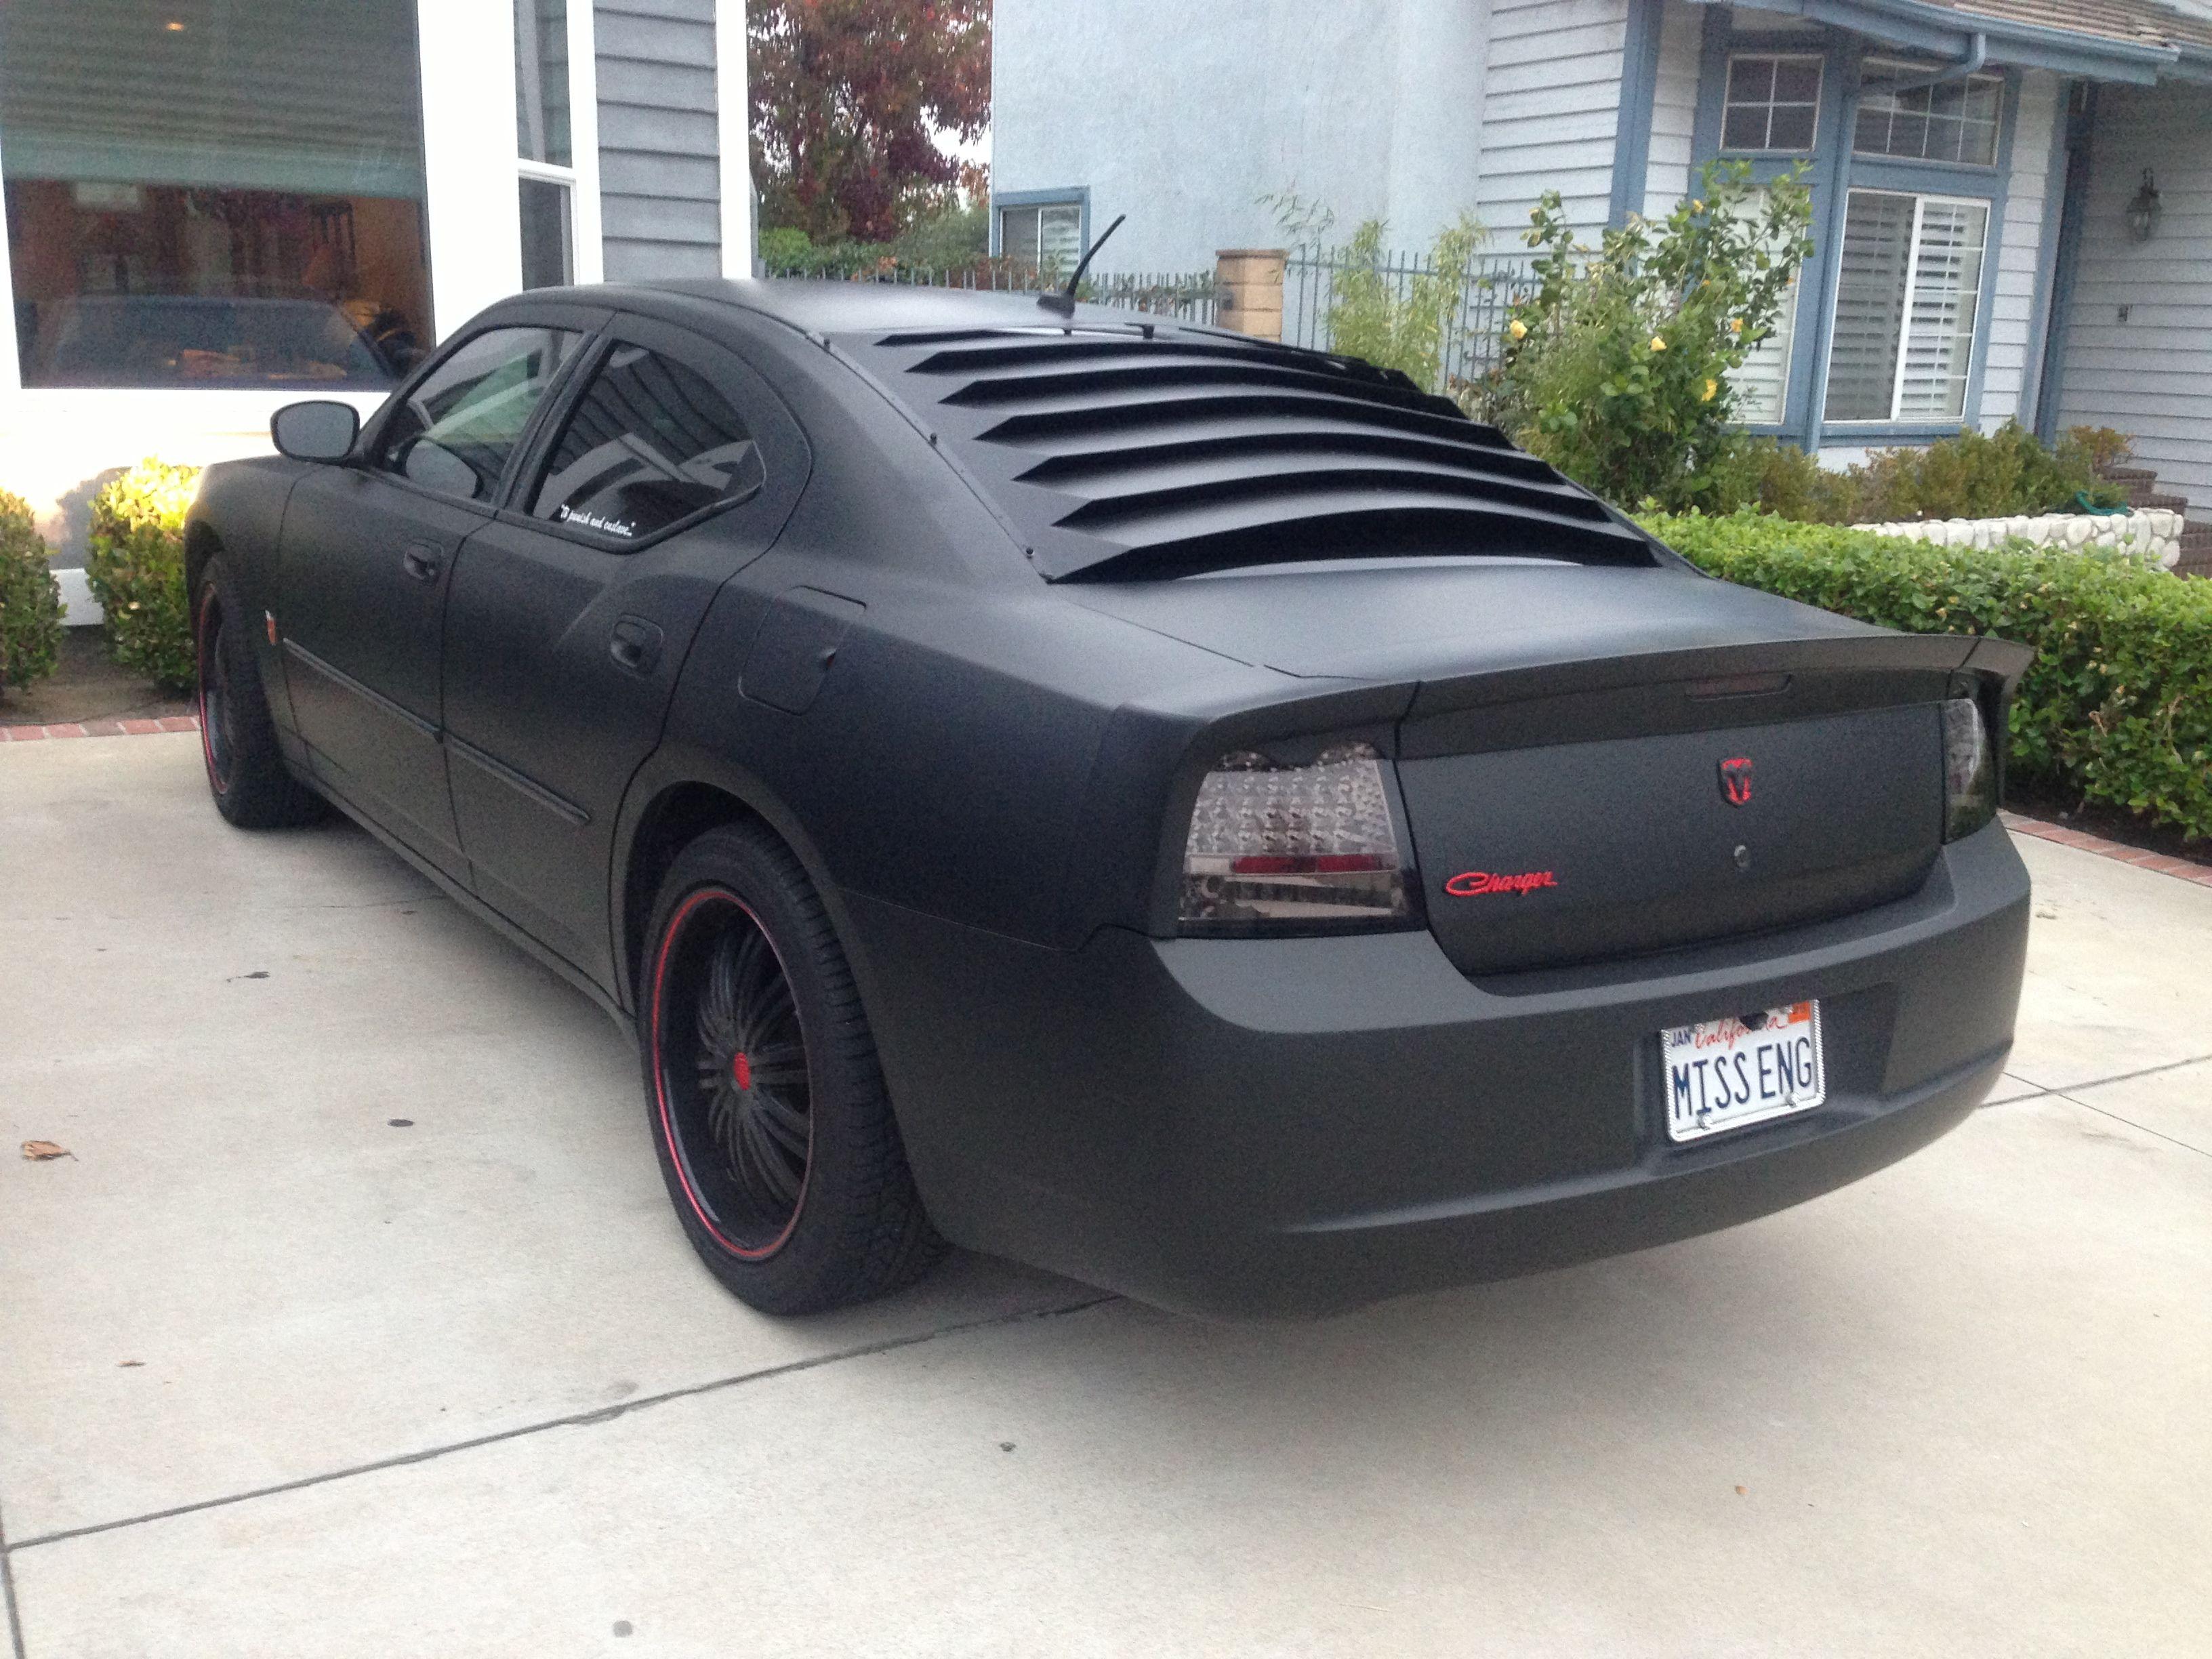 Matte Black Dodge Charger Car Nice Rides Black Dodge Charger